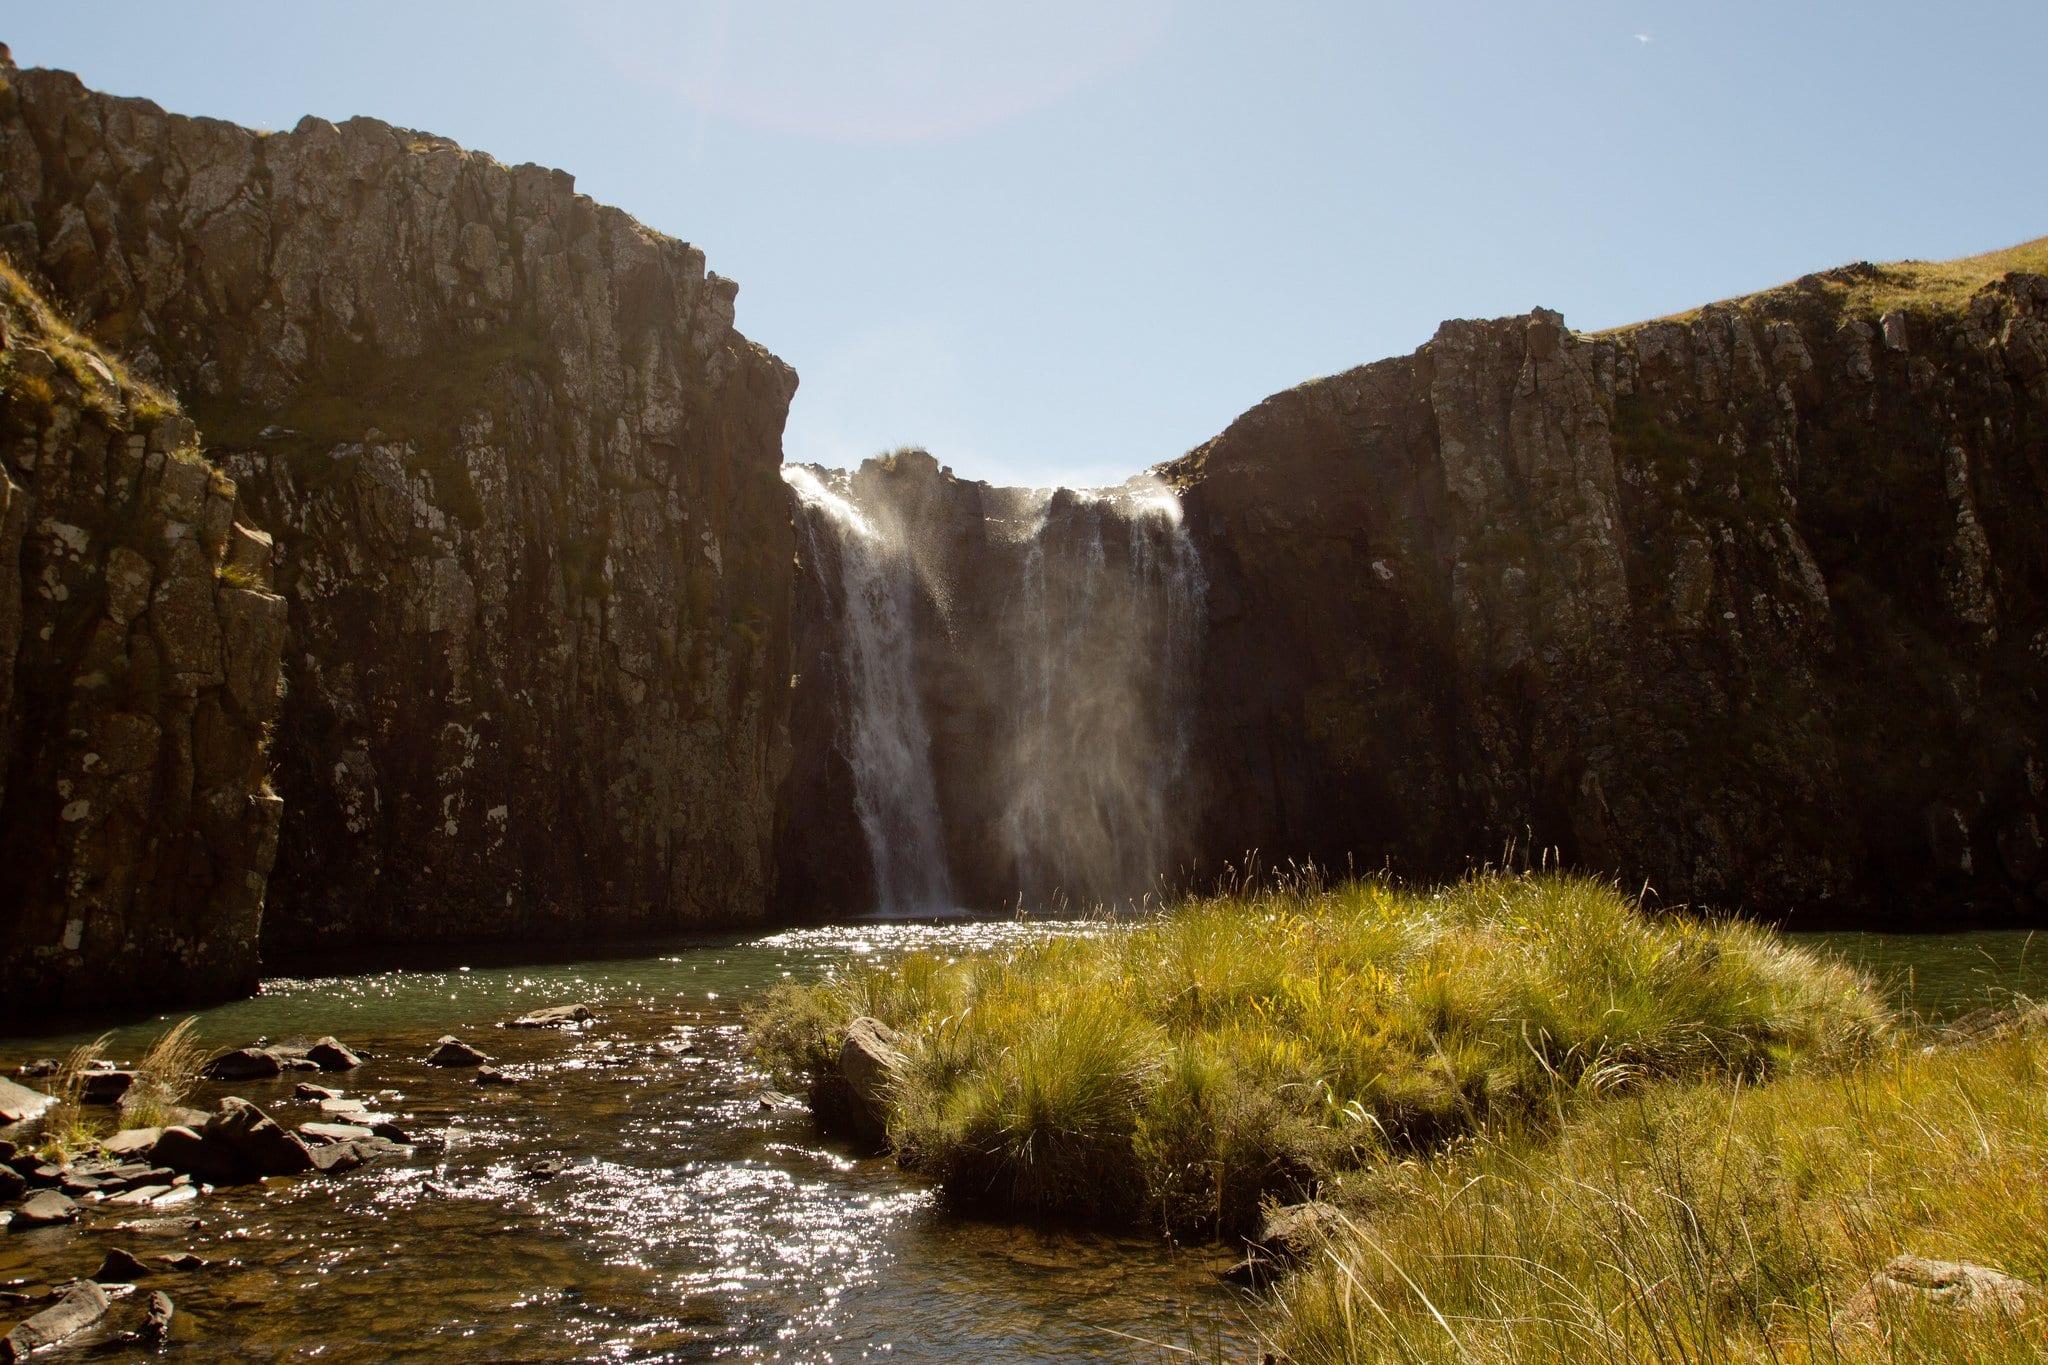 Sehlabathebe National Park